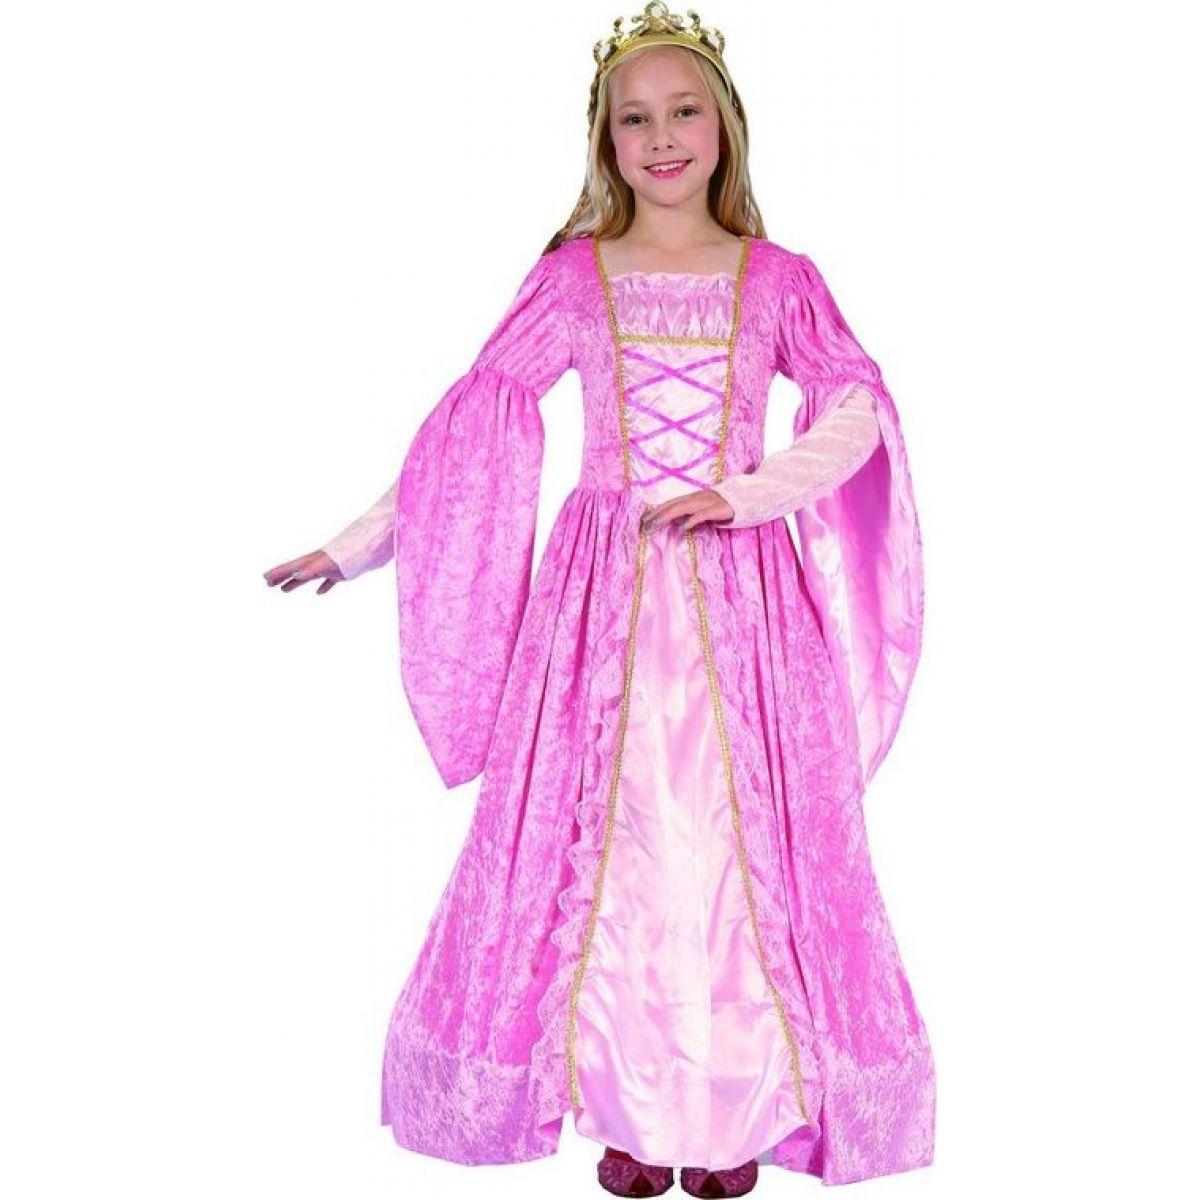 Made Dětský karnevalový kostým Princezna 110-120 cm